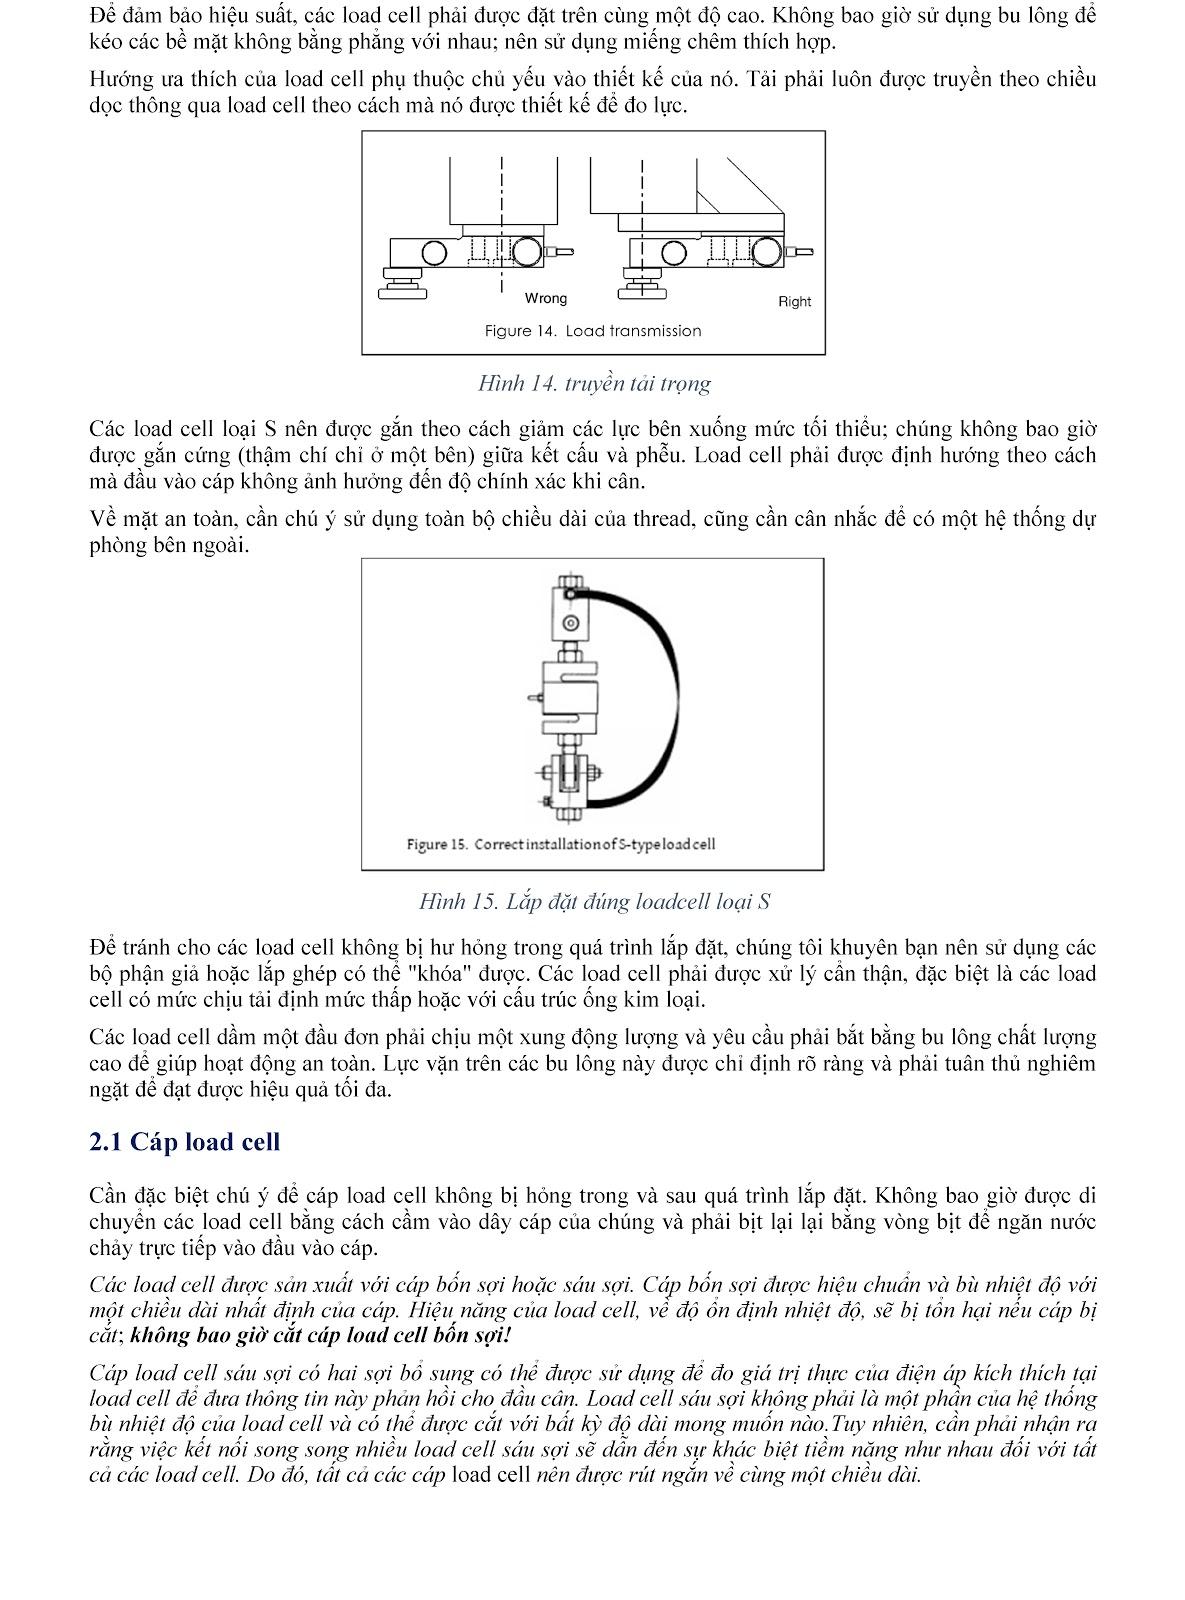 Lưu ý kỹ thuật về Load cell và module cân điện tử (tt) 12